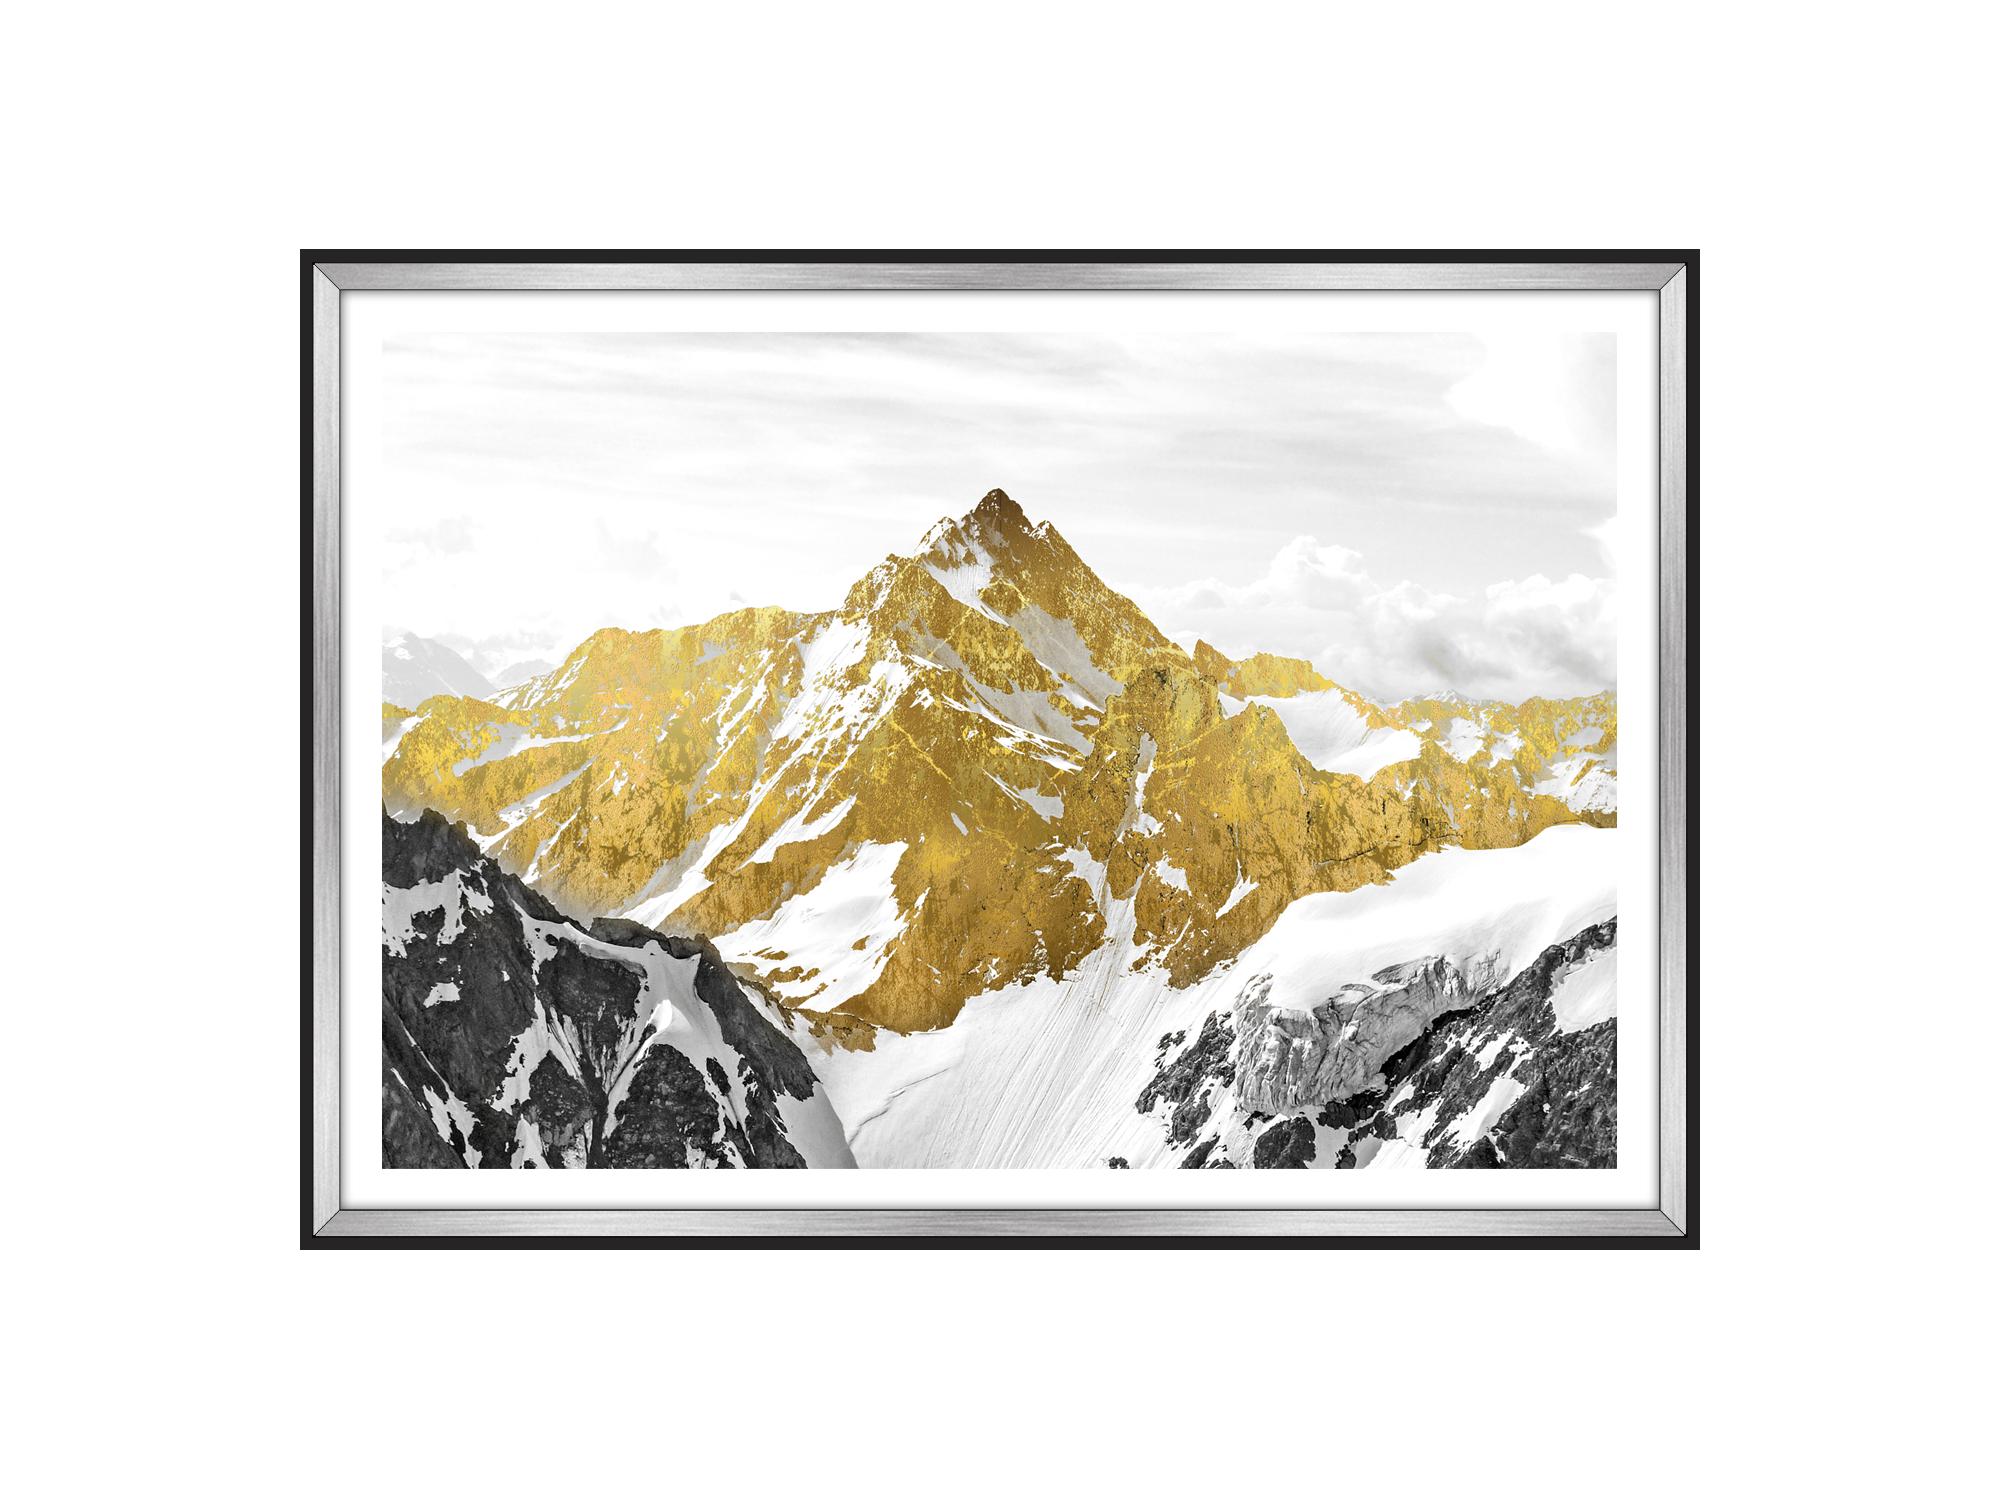 Gold Art 19